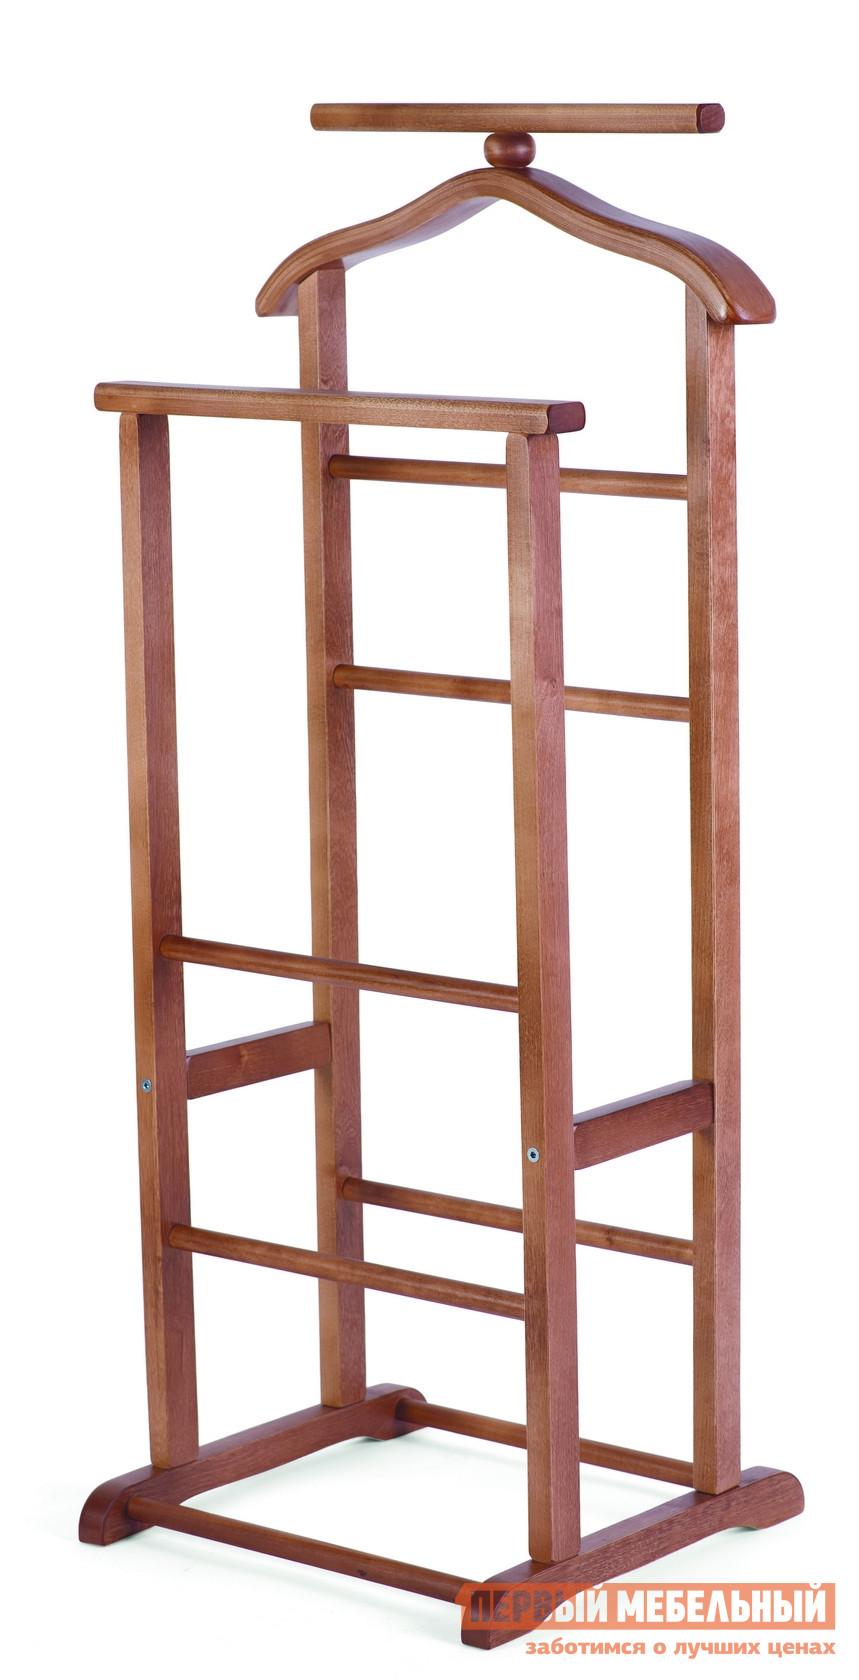 Костюмная вешалка Мебелик В-9Н (костюмная) Средне-коричневый от Купистол